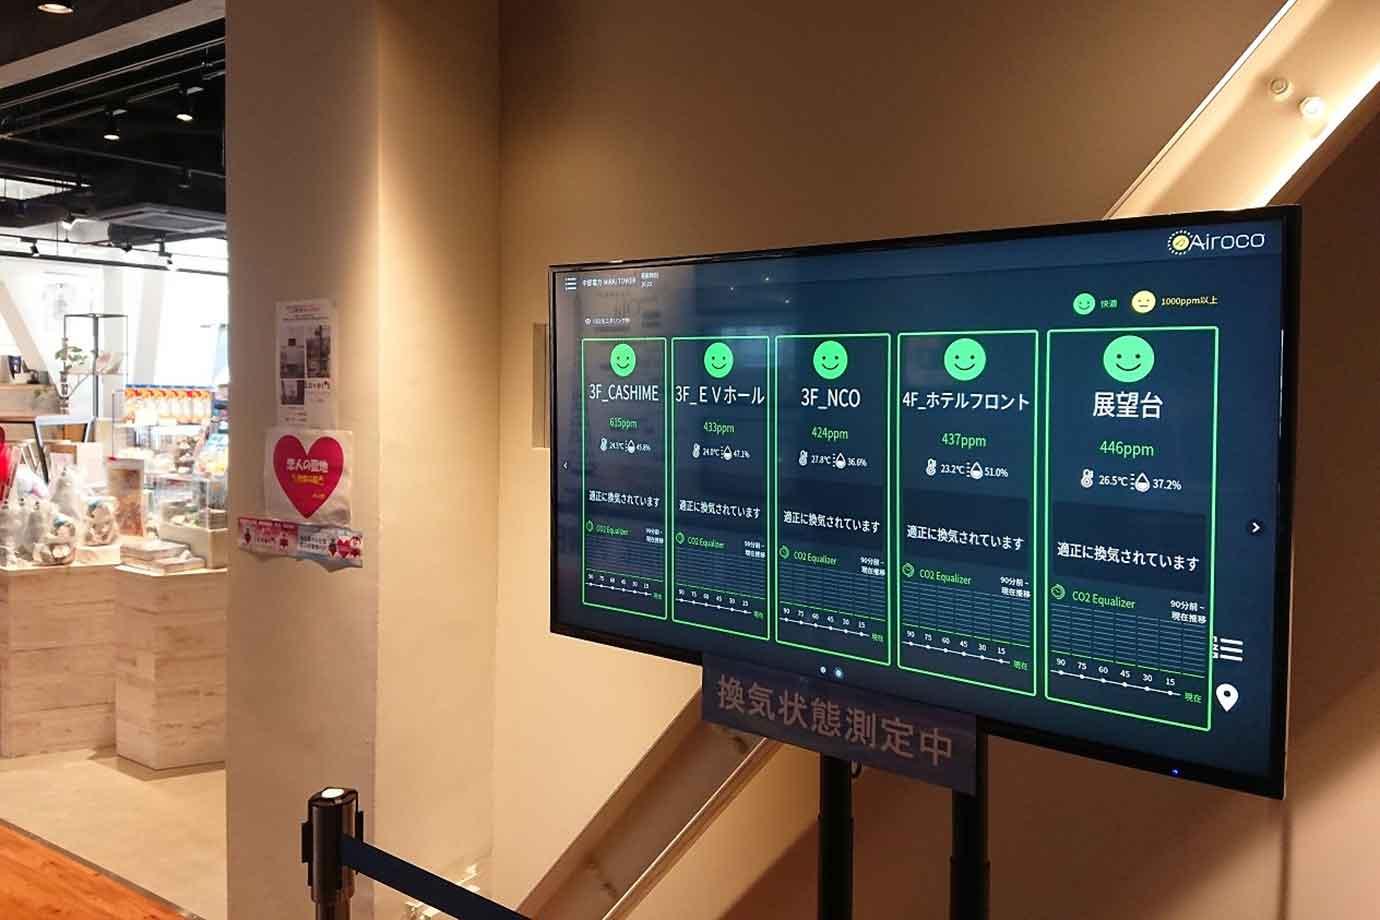 館内各所の換気状態を確認できるモニターが3階に設置されている